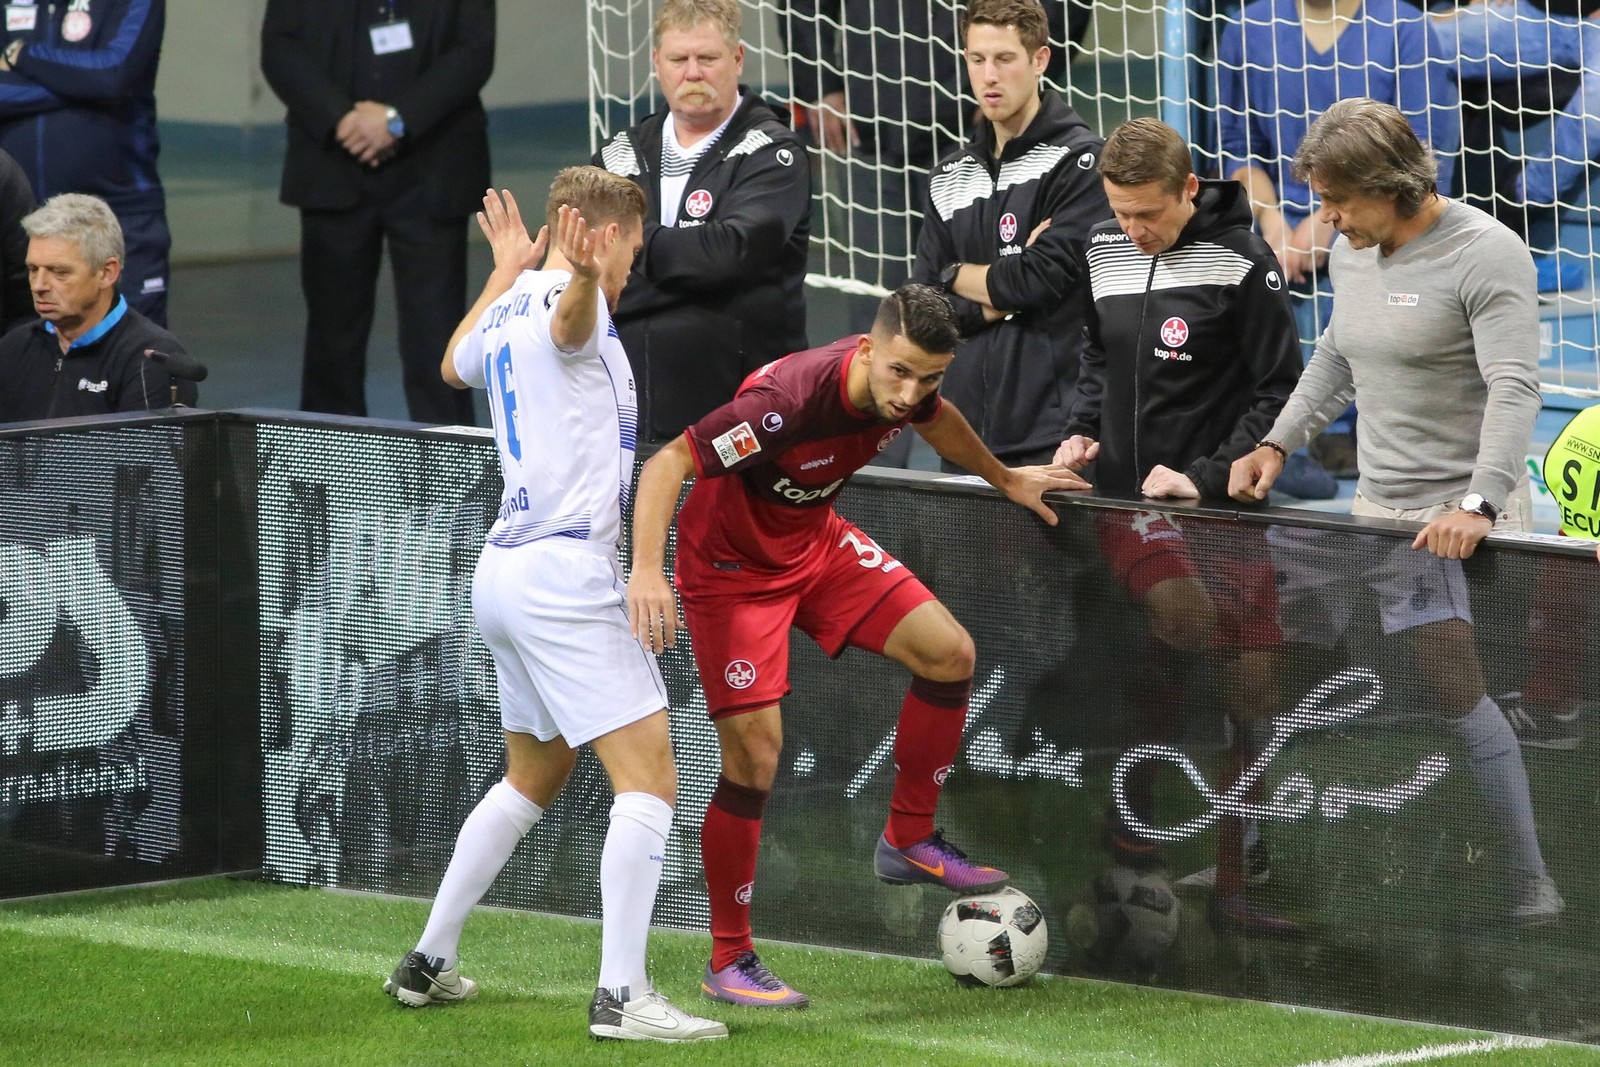 Fabio Leutenecker (Duisburg) im Duell mit Naser Aliji vom 1. FC Kaiserslautern